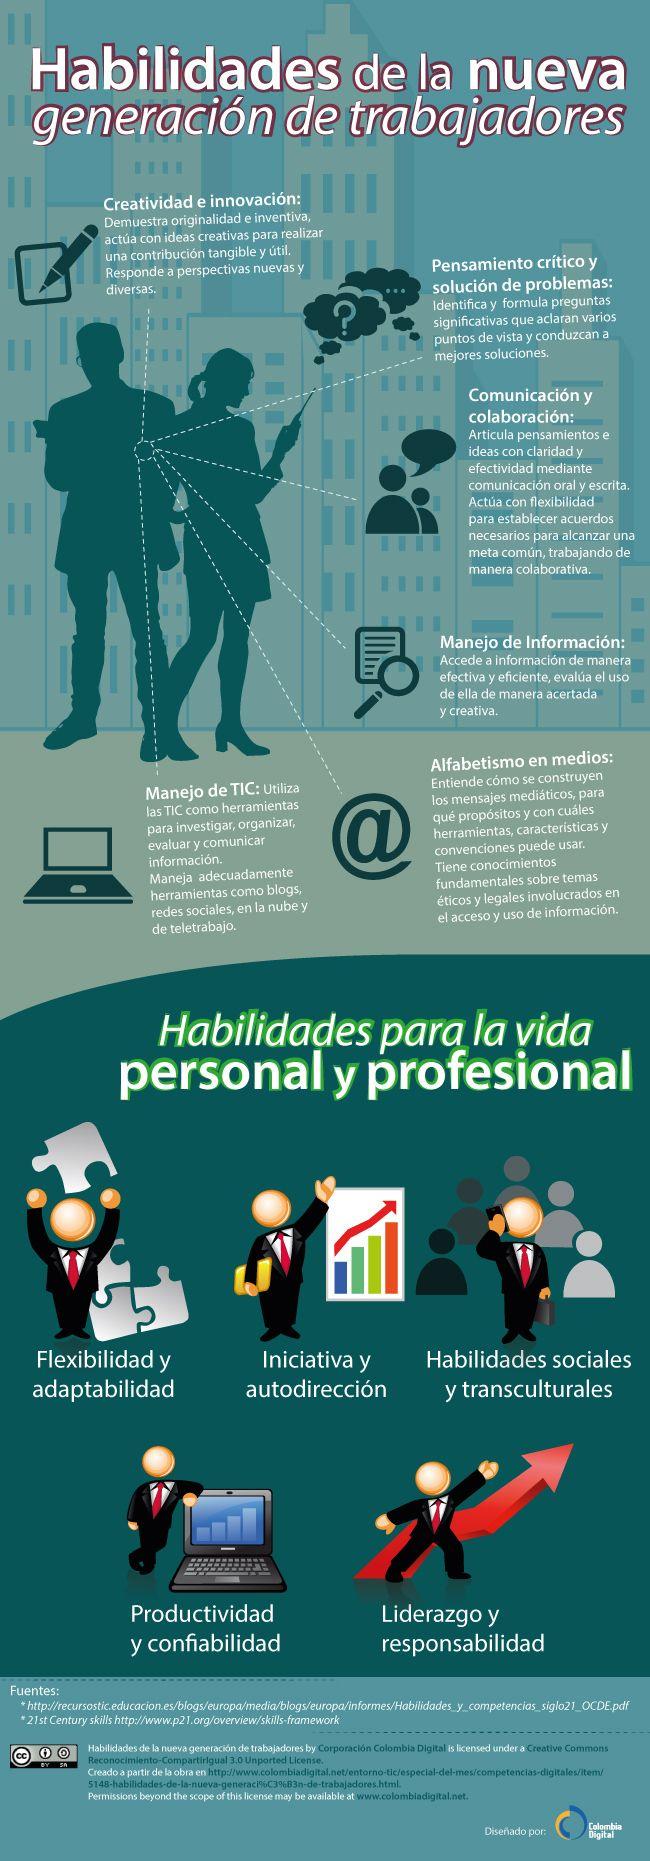 Habilidades de la nueva generación de trabajadores #infografia #empleo #recursoshumanos #rrhh